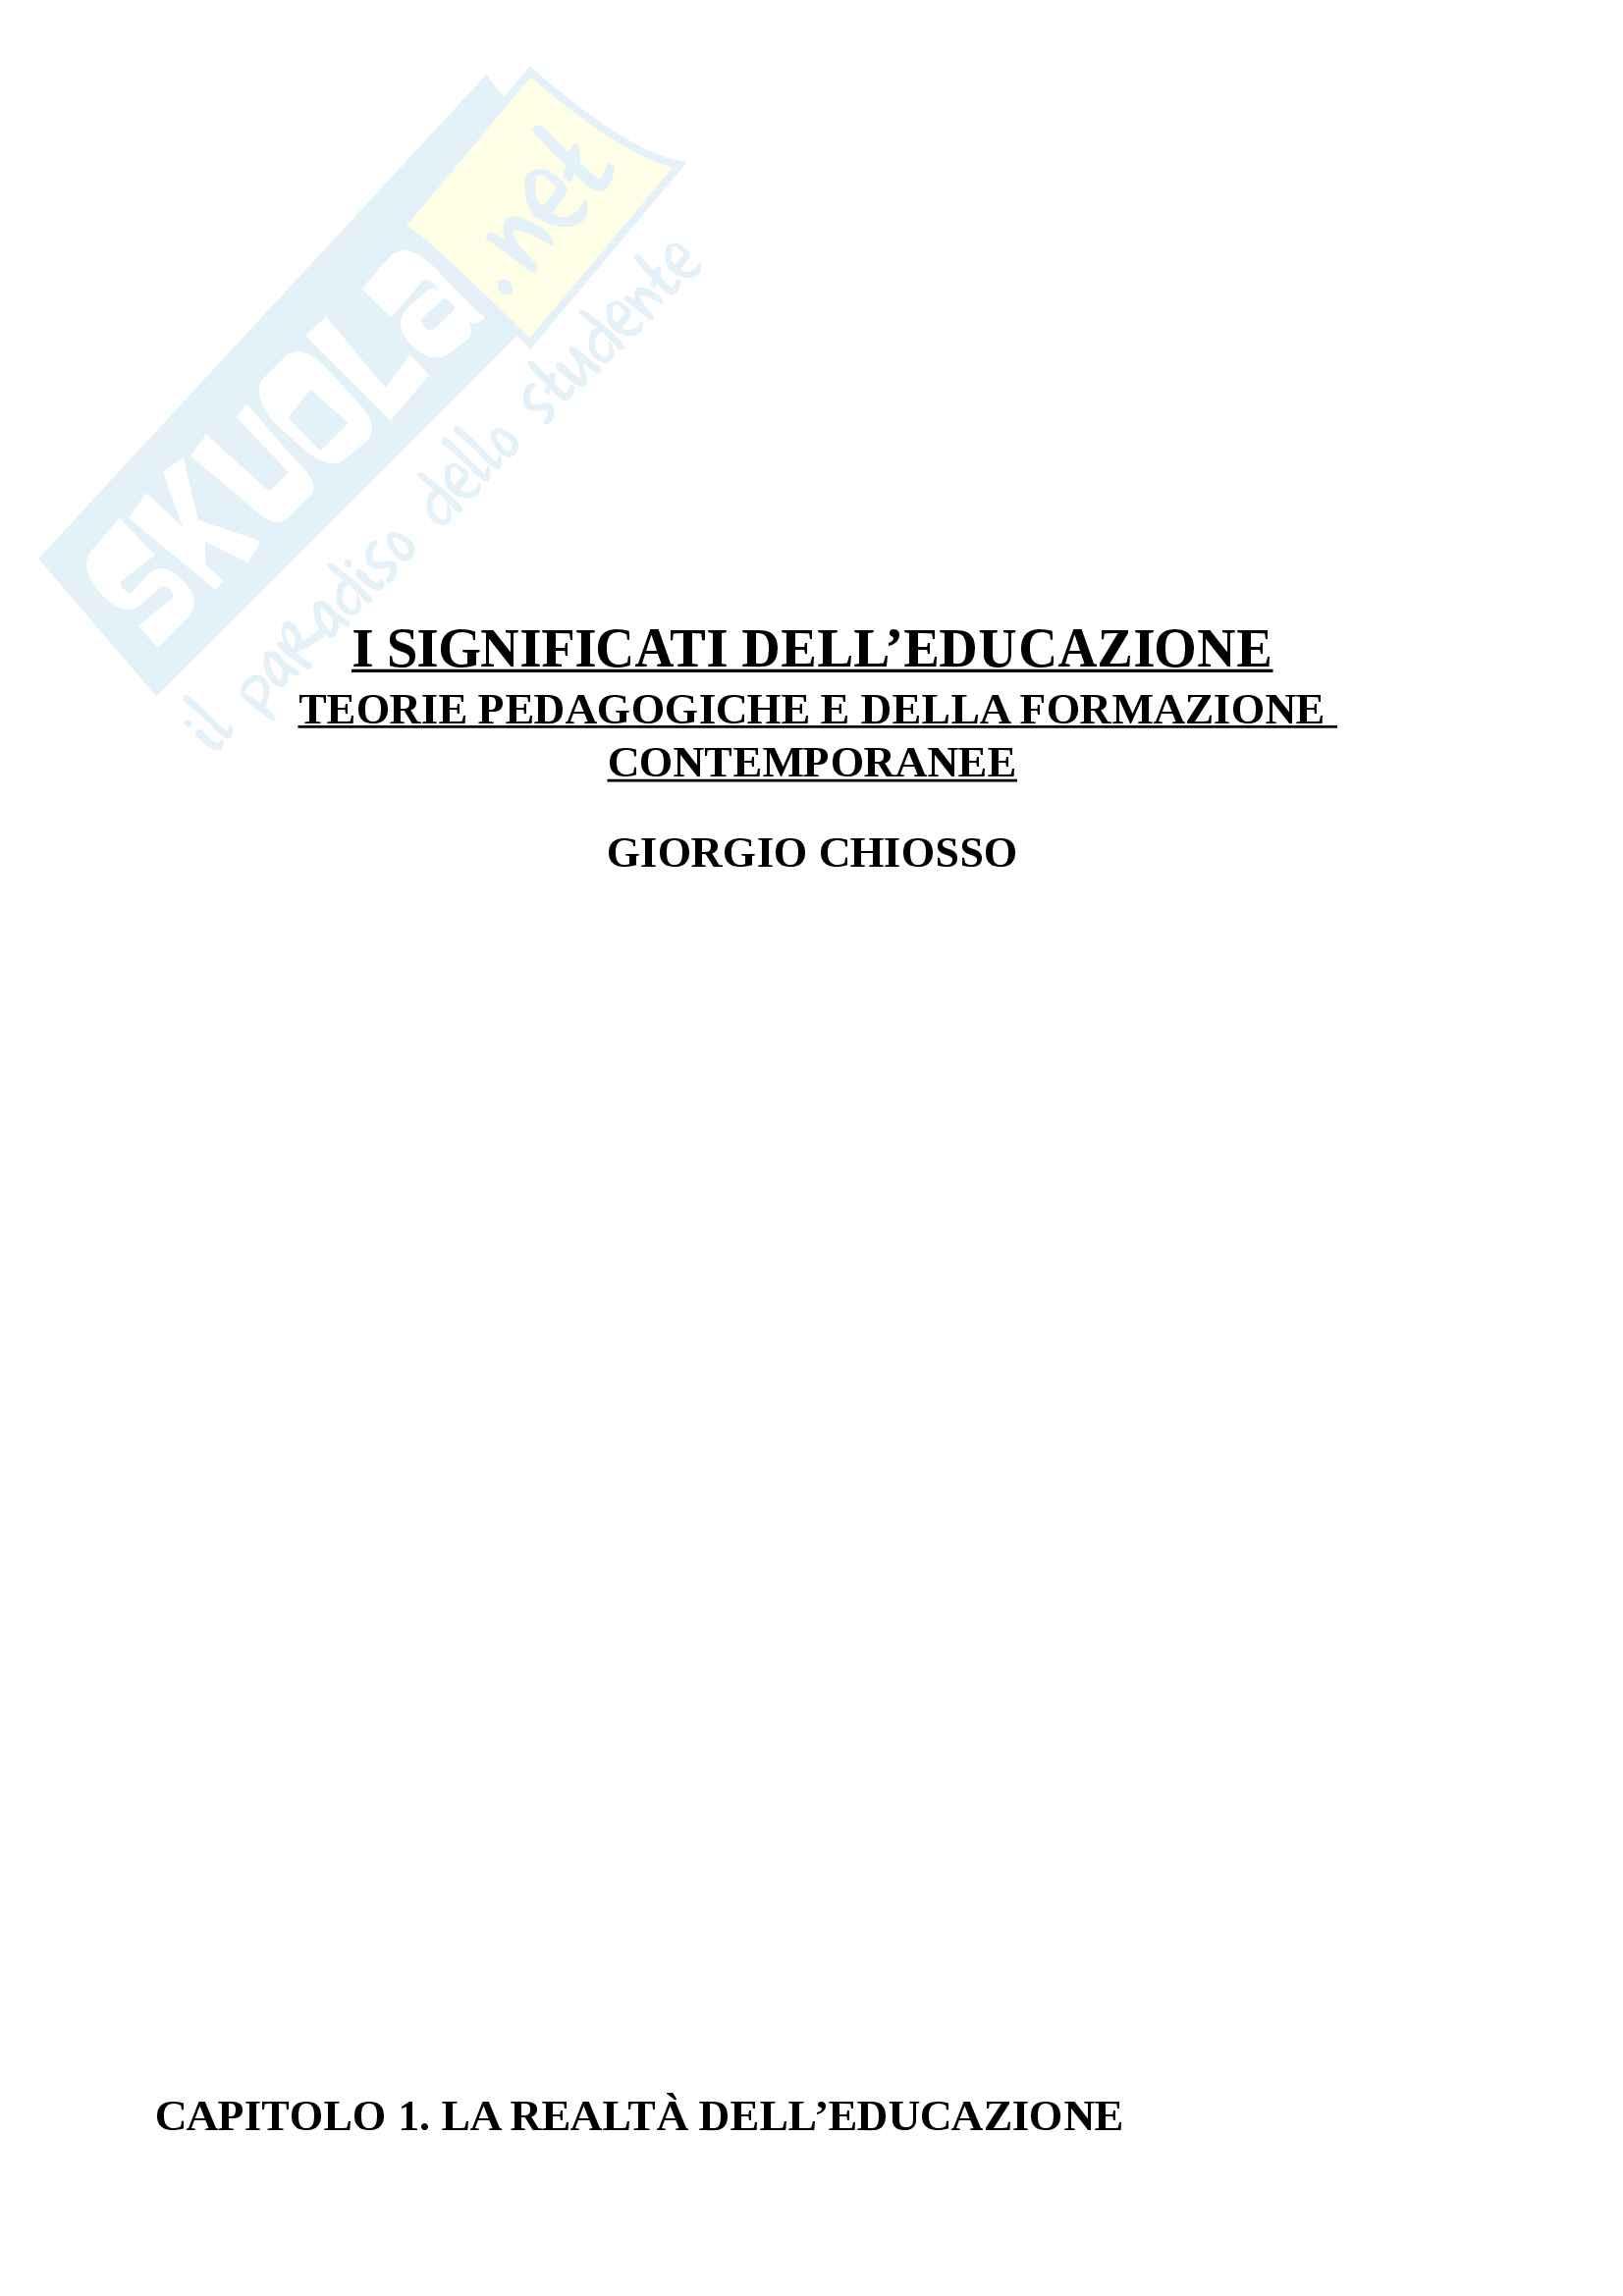 """Riassunto esame Pedagogia Generale, docente Antonino Michelin, libro consigliato """"I Significati dell'Educazione"""", Giorgio Chiosso"""